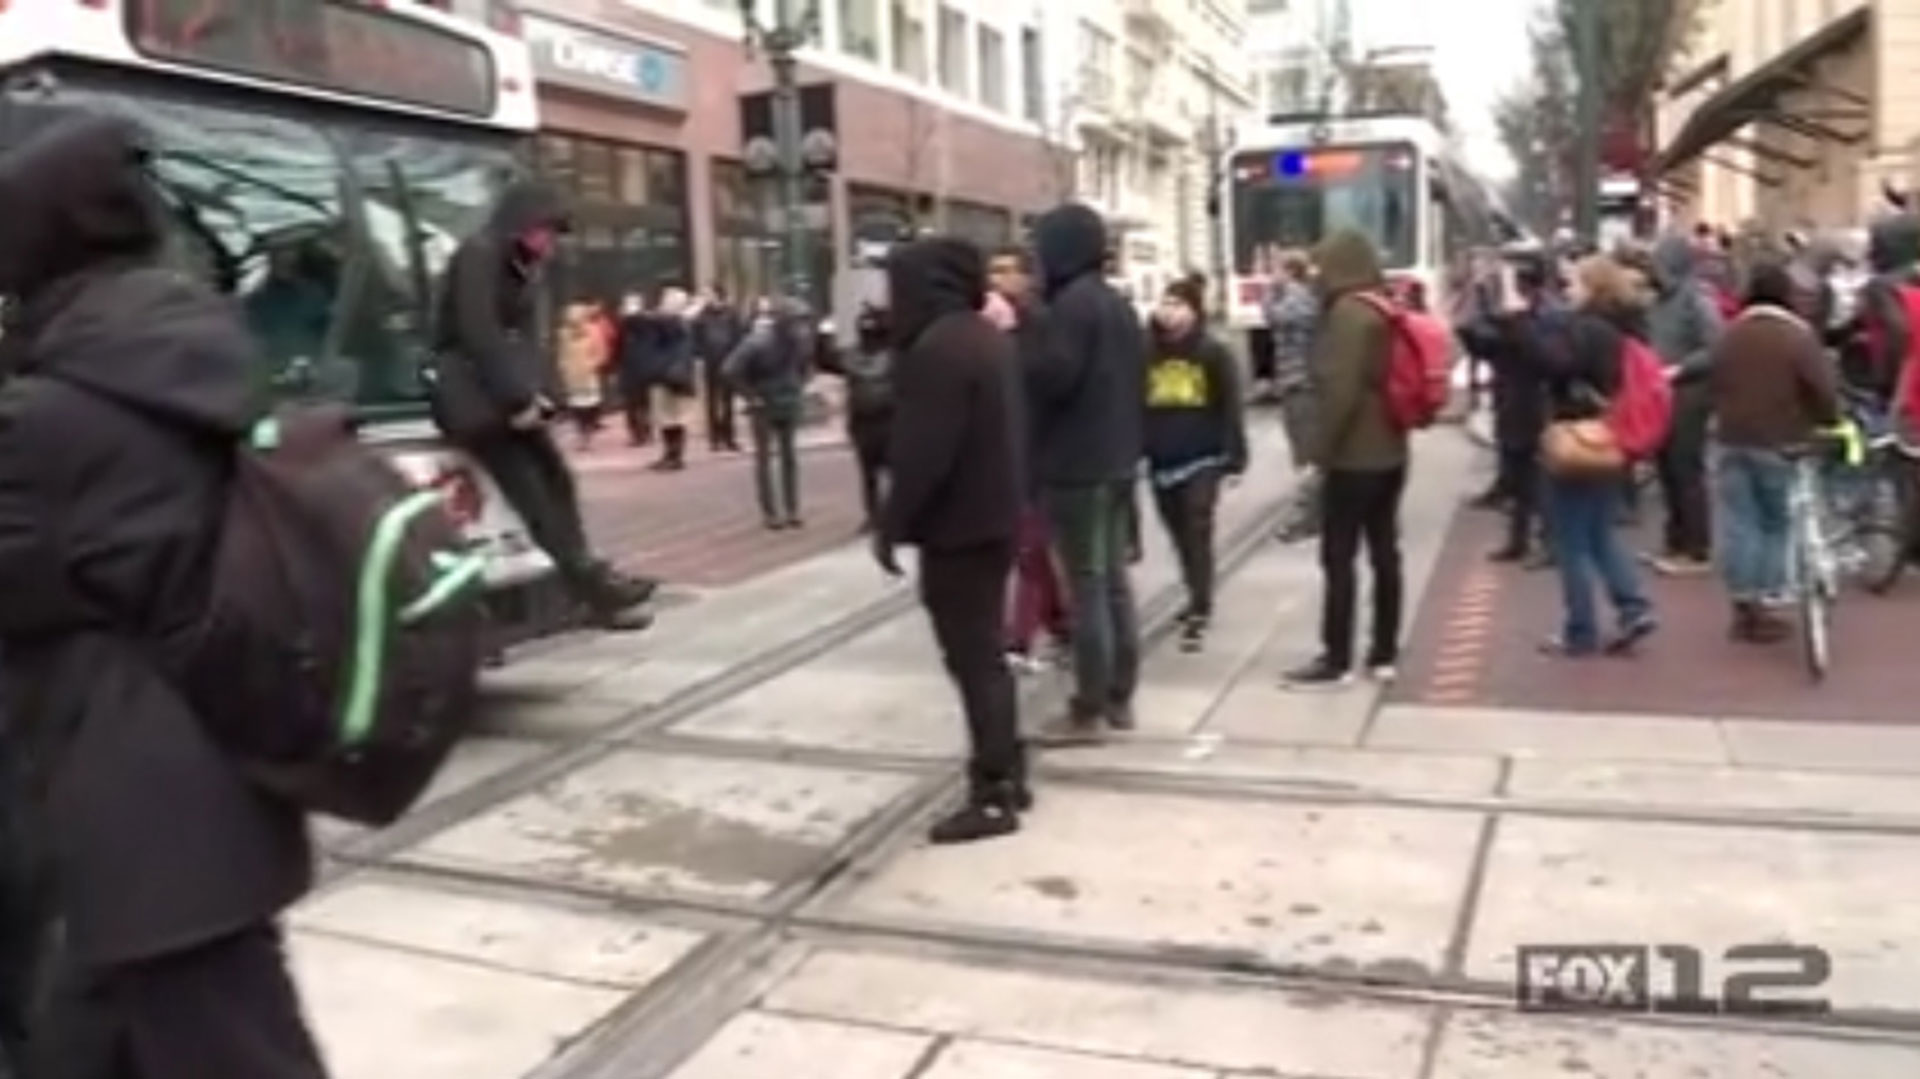 La policía de Portland actuó de inmediato y redujo a los manifestantes en pocos segundos. Catorce de ellos fueron detenidos